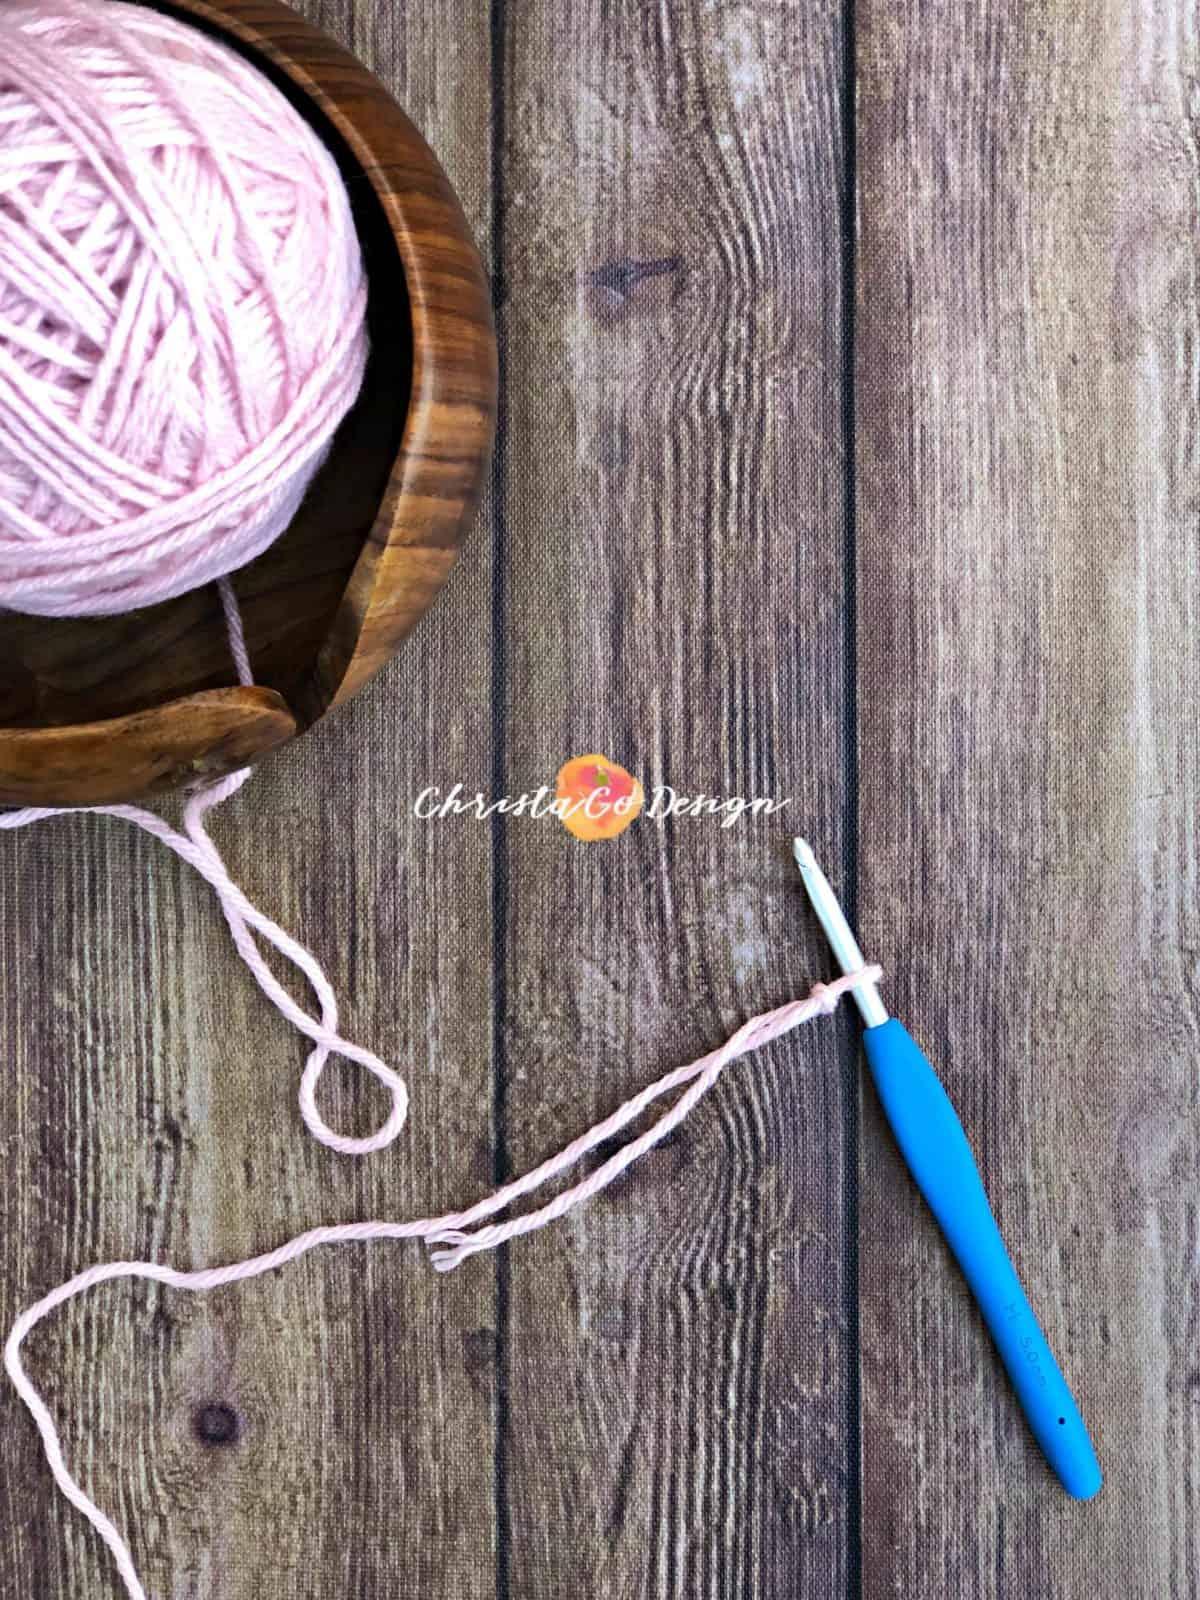 Pink yarn on crochet hook.